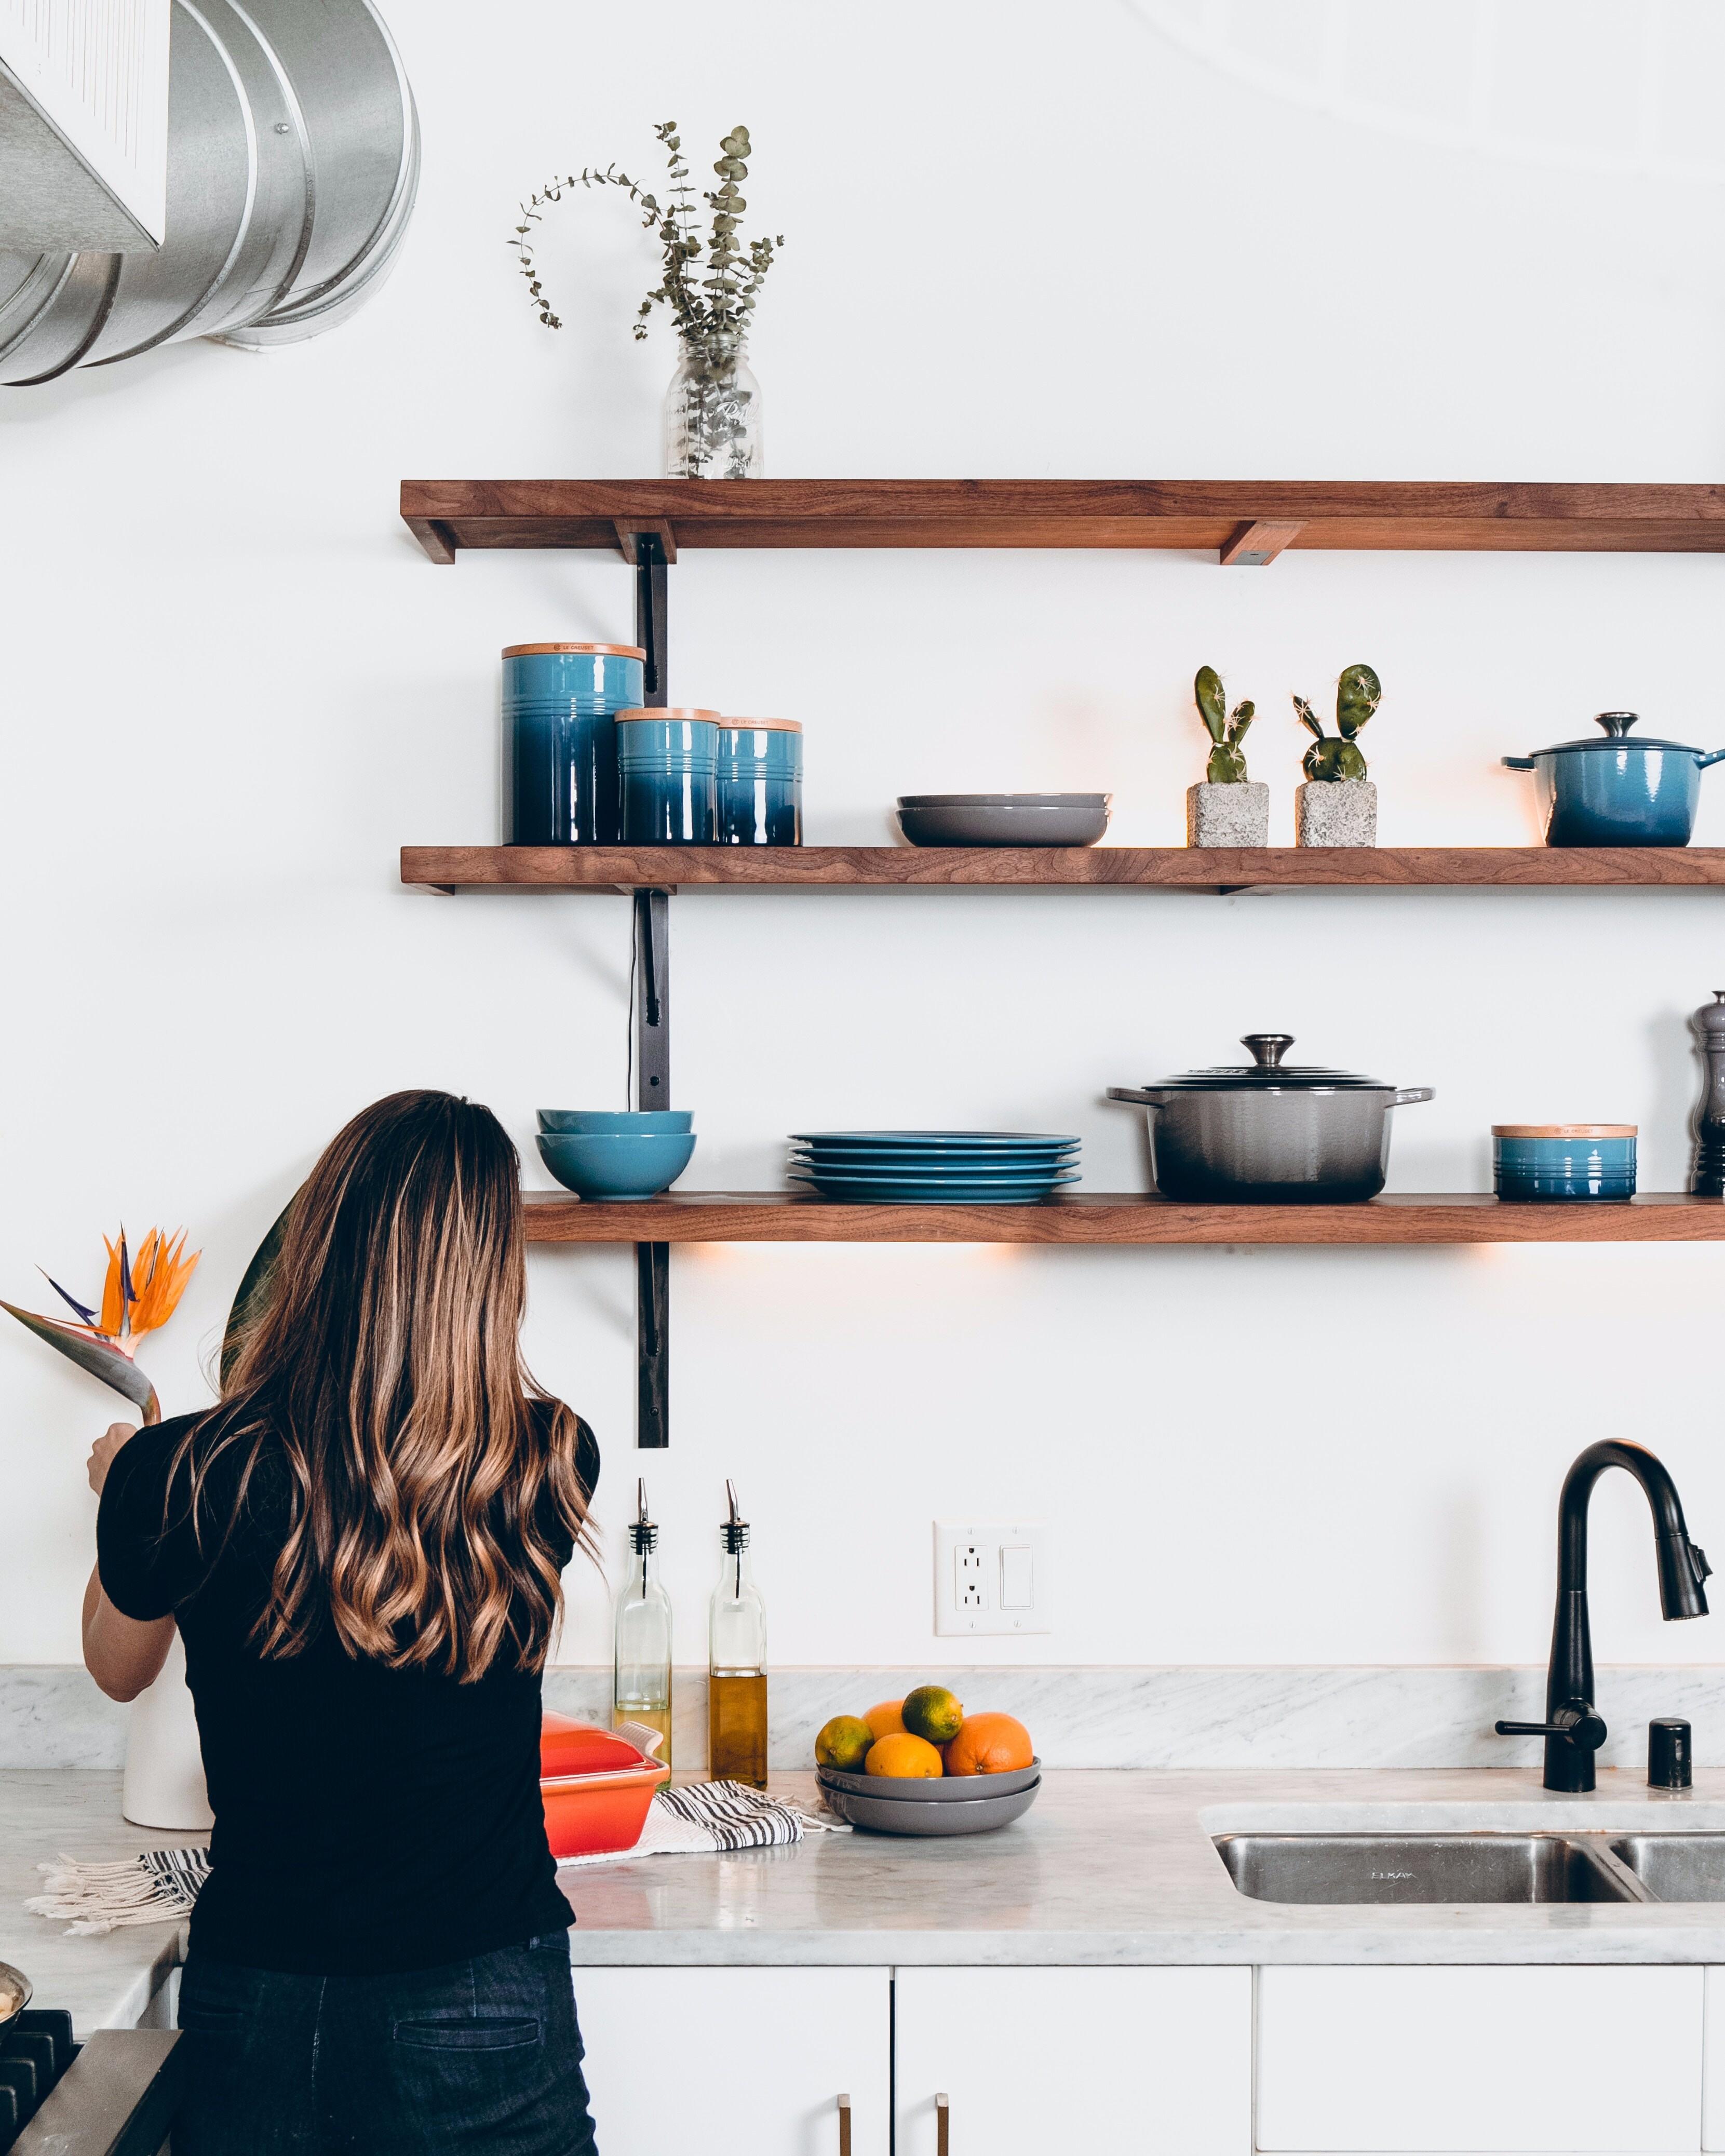 25 клевых вещей для дома с AliExpress, за которые ты переплачиваешь